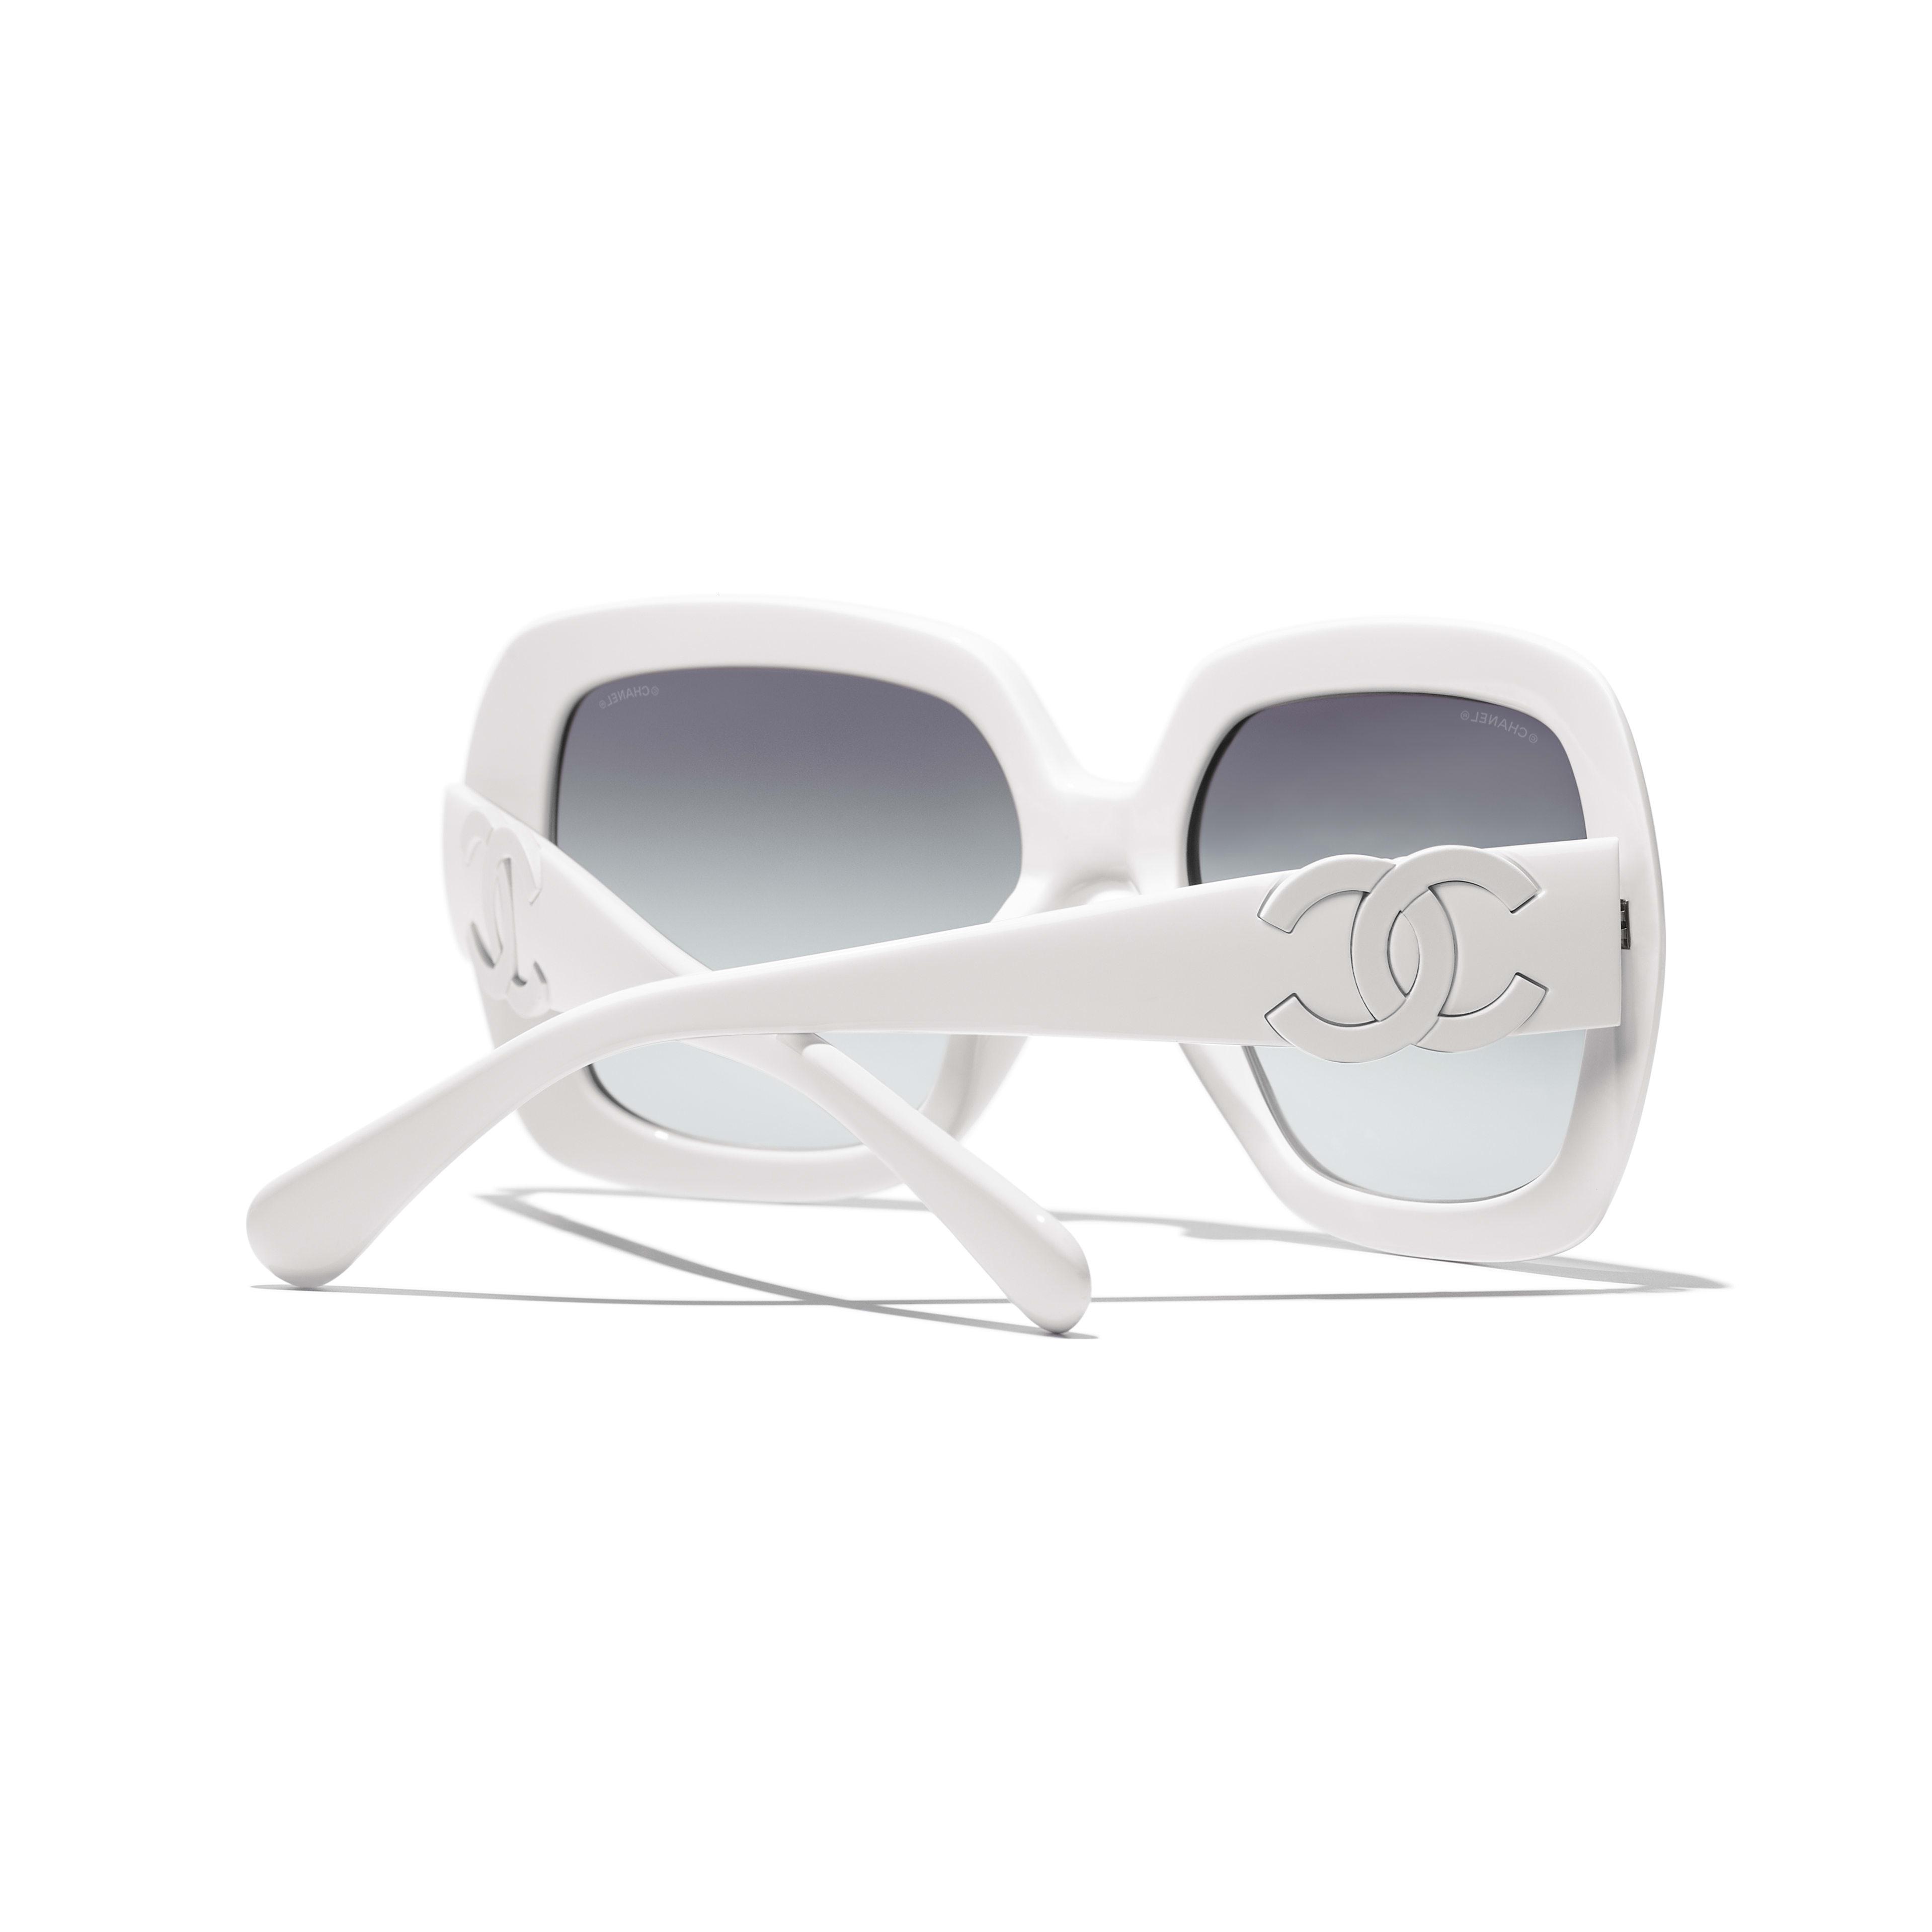 แว่นตากันแดดทรงเหลี่ยม - สีขาว - อะซิเตท - CHANEL - มุมมองพิเศษ - ดูเวอร์ชันขนาดมาตรฐาน